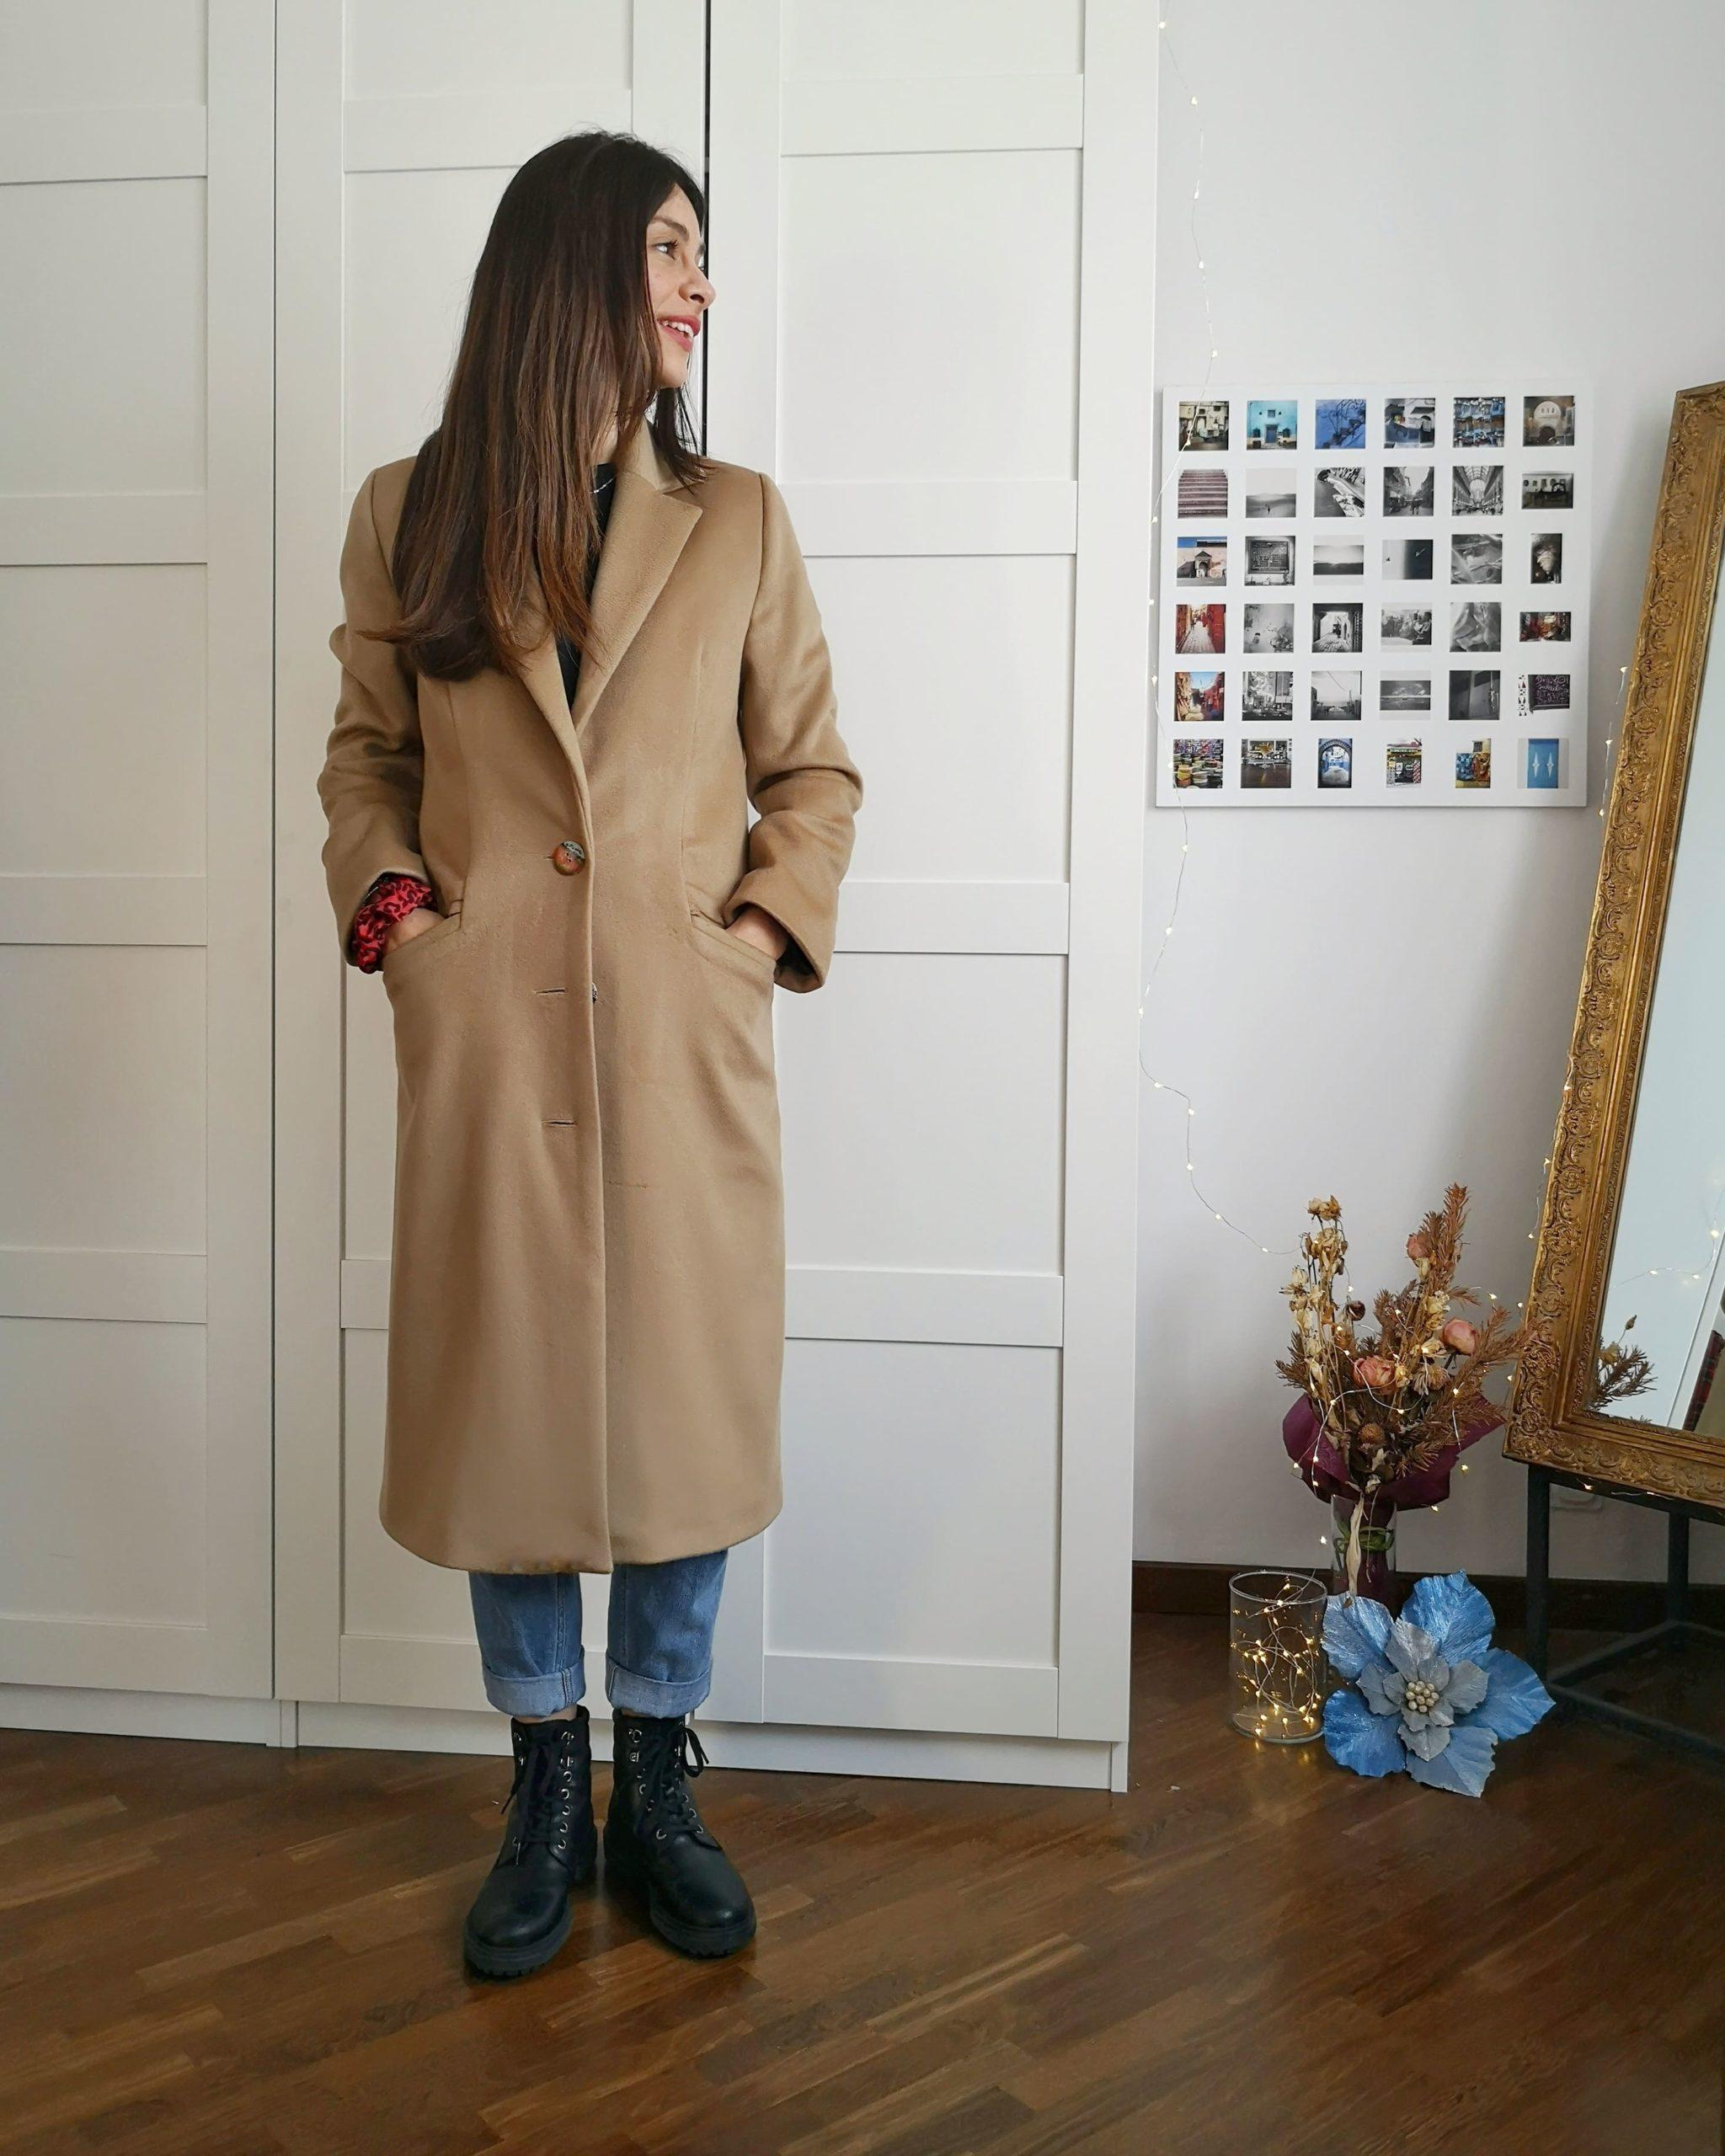 Caterina che posa con un cappotto su misura fatto da Chiara Cascioli